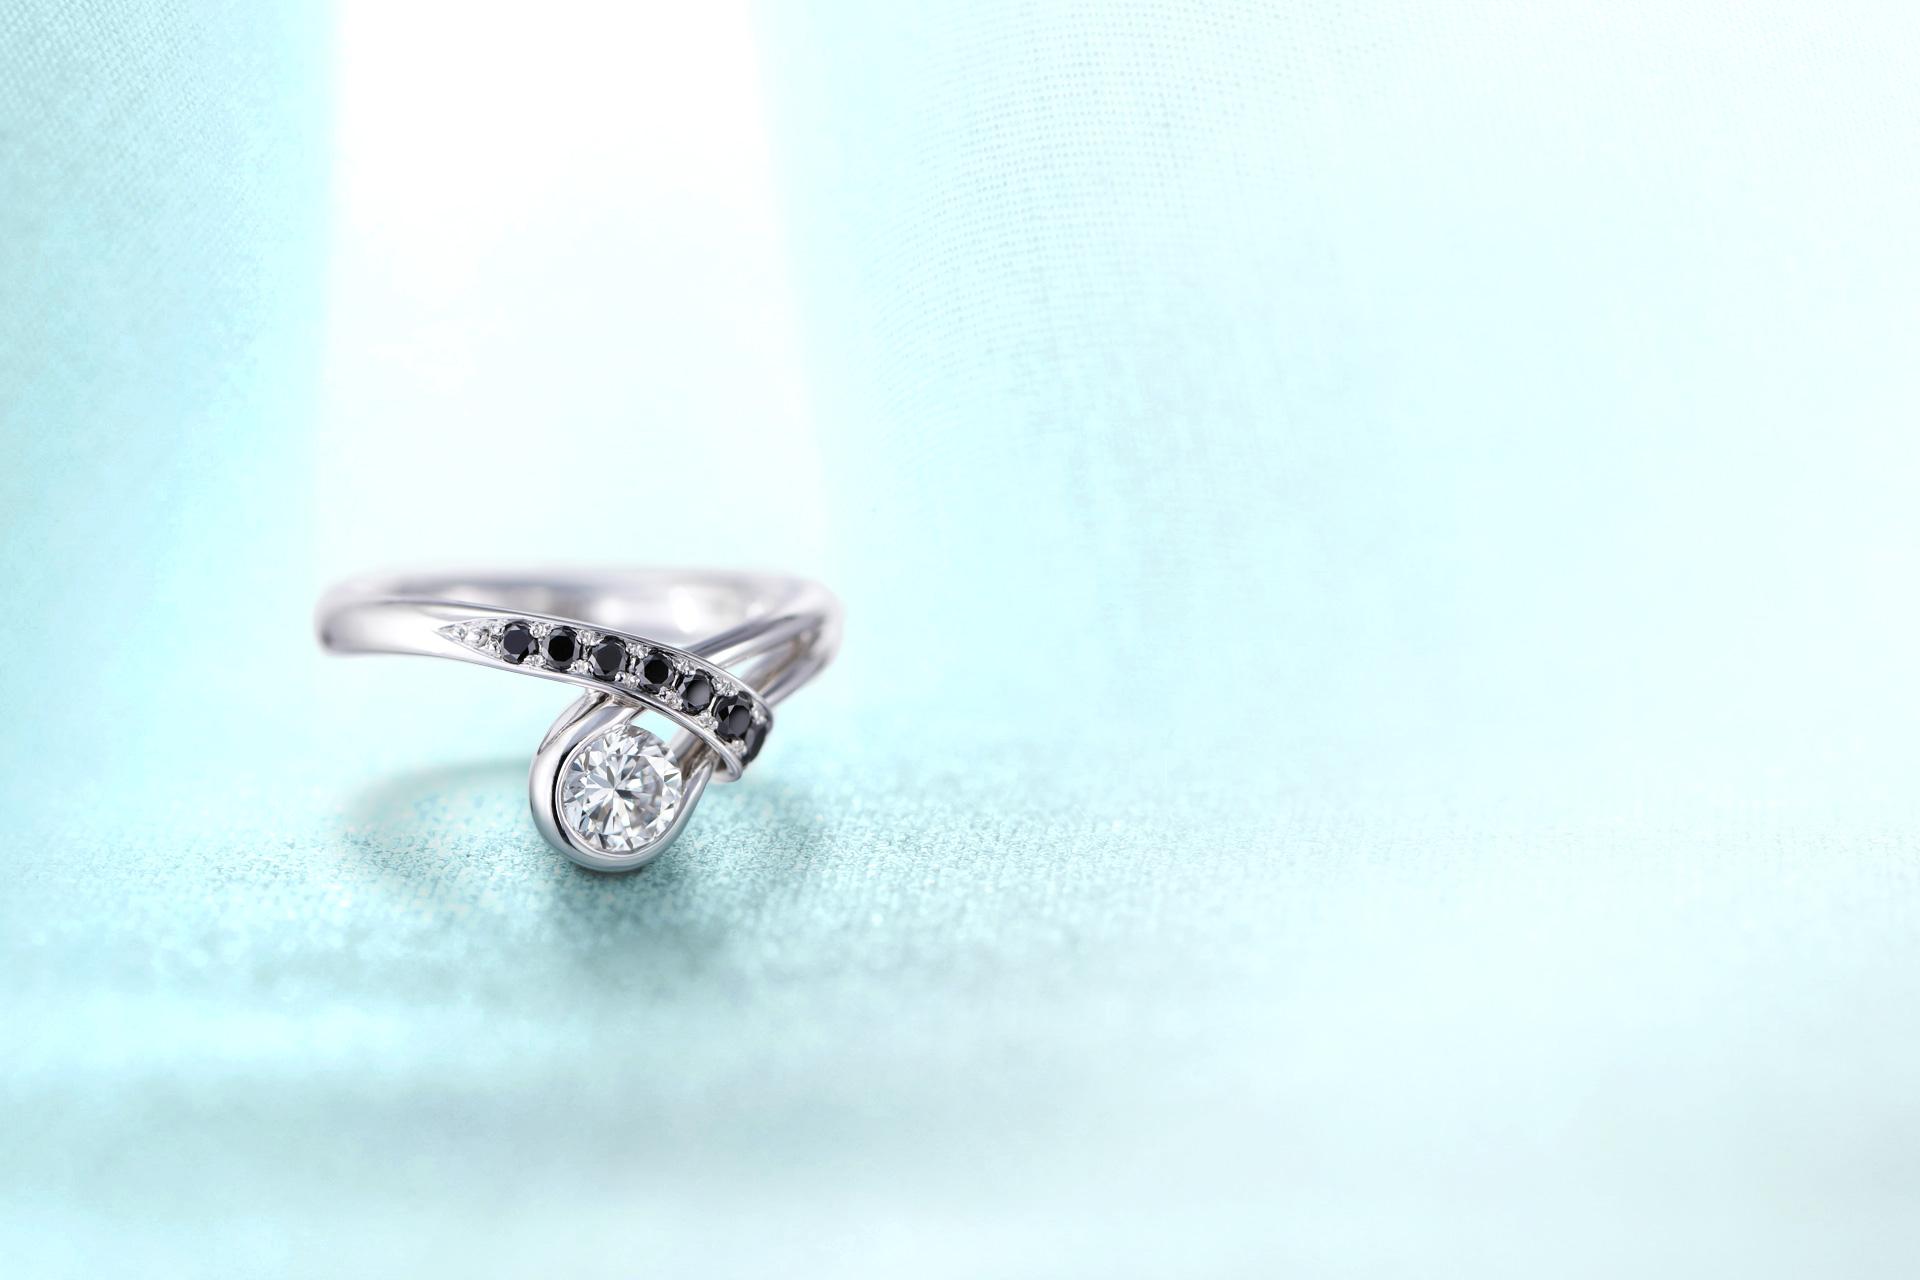 ジュエリーのリフォーム・リペアのページトップ画像。ラウンドダイヤモンドとブラックダイヤモンドを美しい曲線で表現したリング